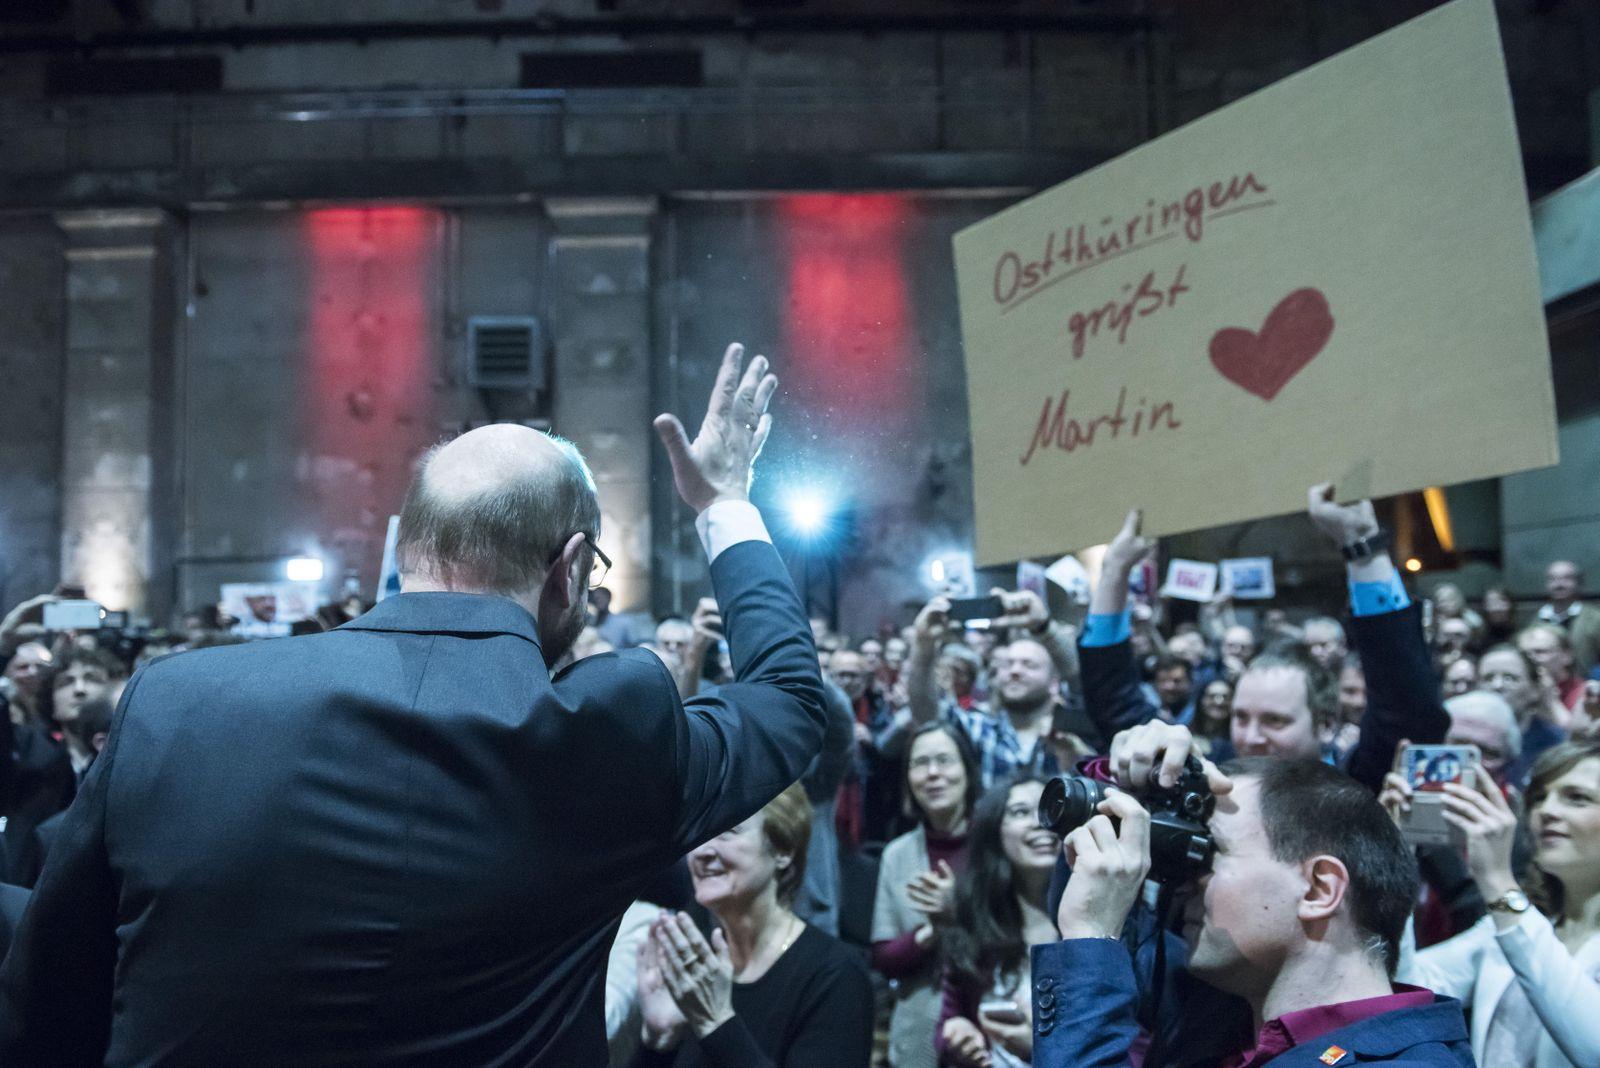 Martin Schulz in Leipzig #3